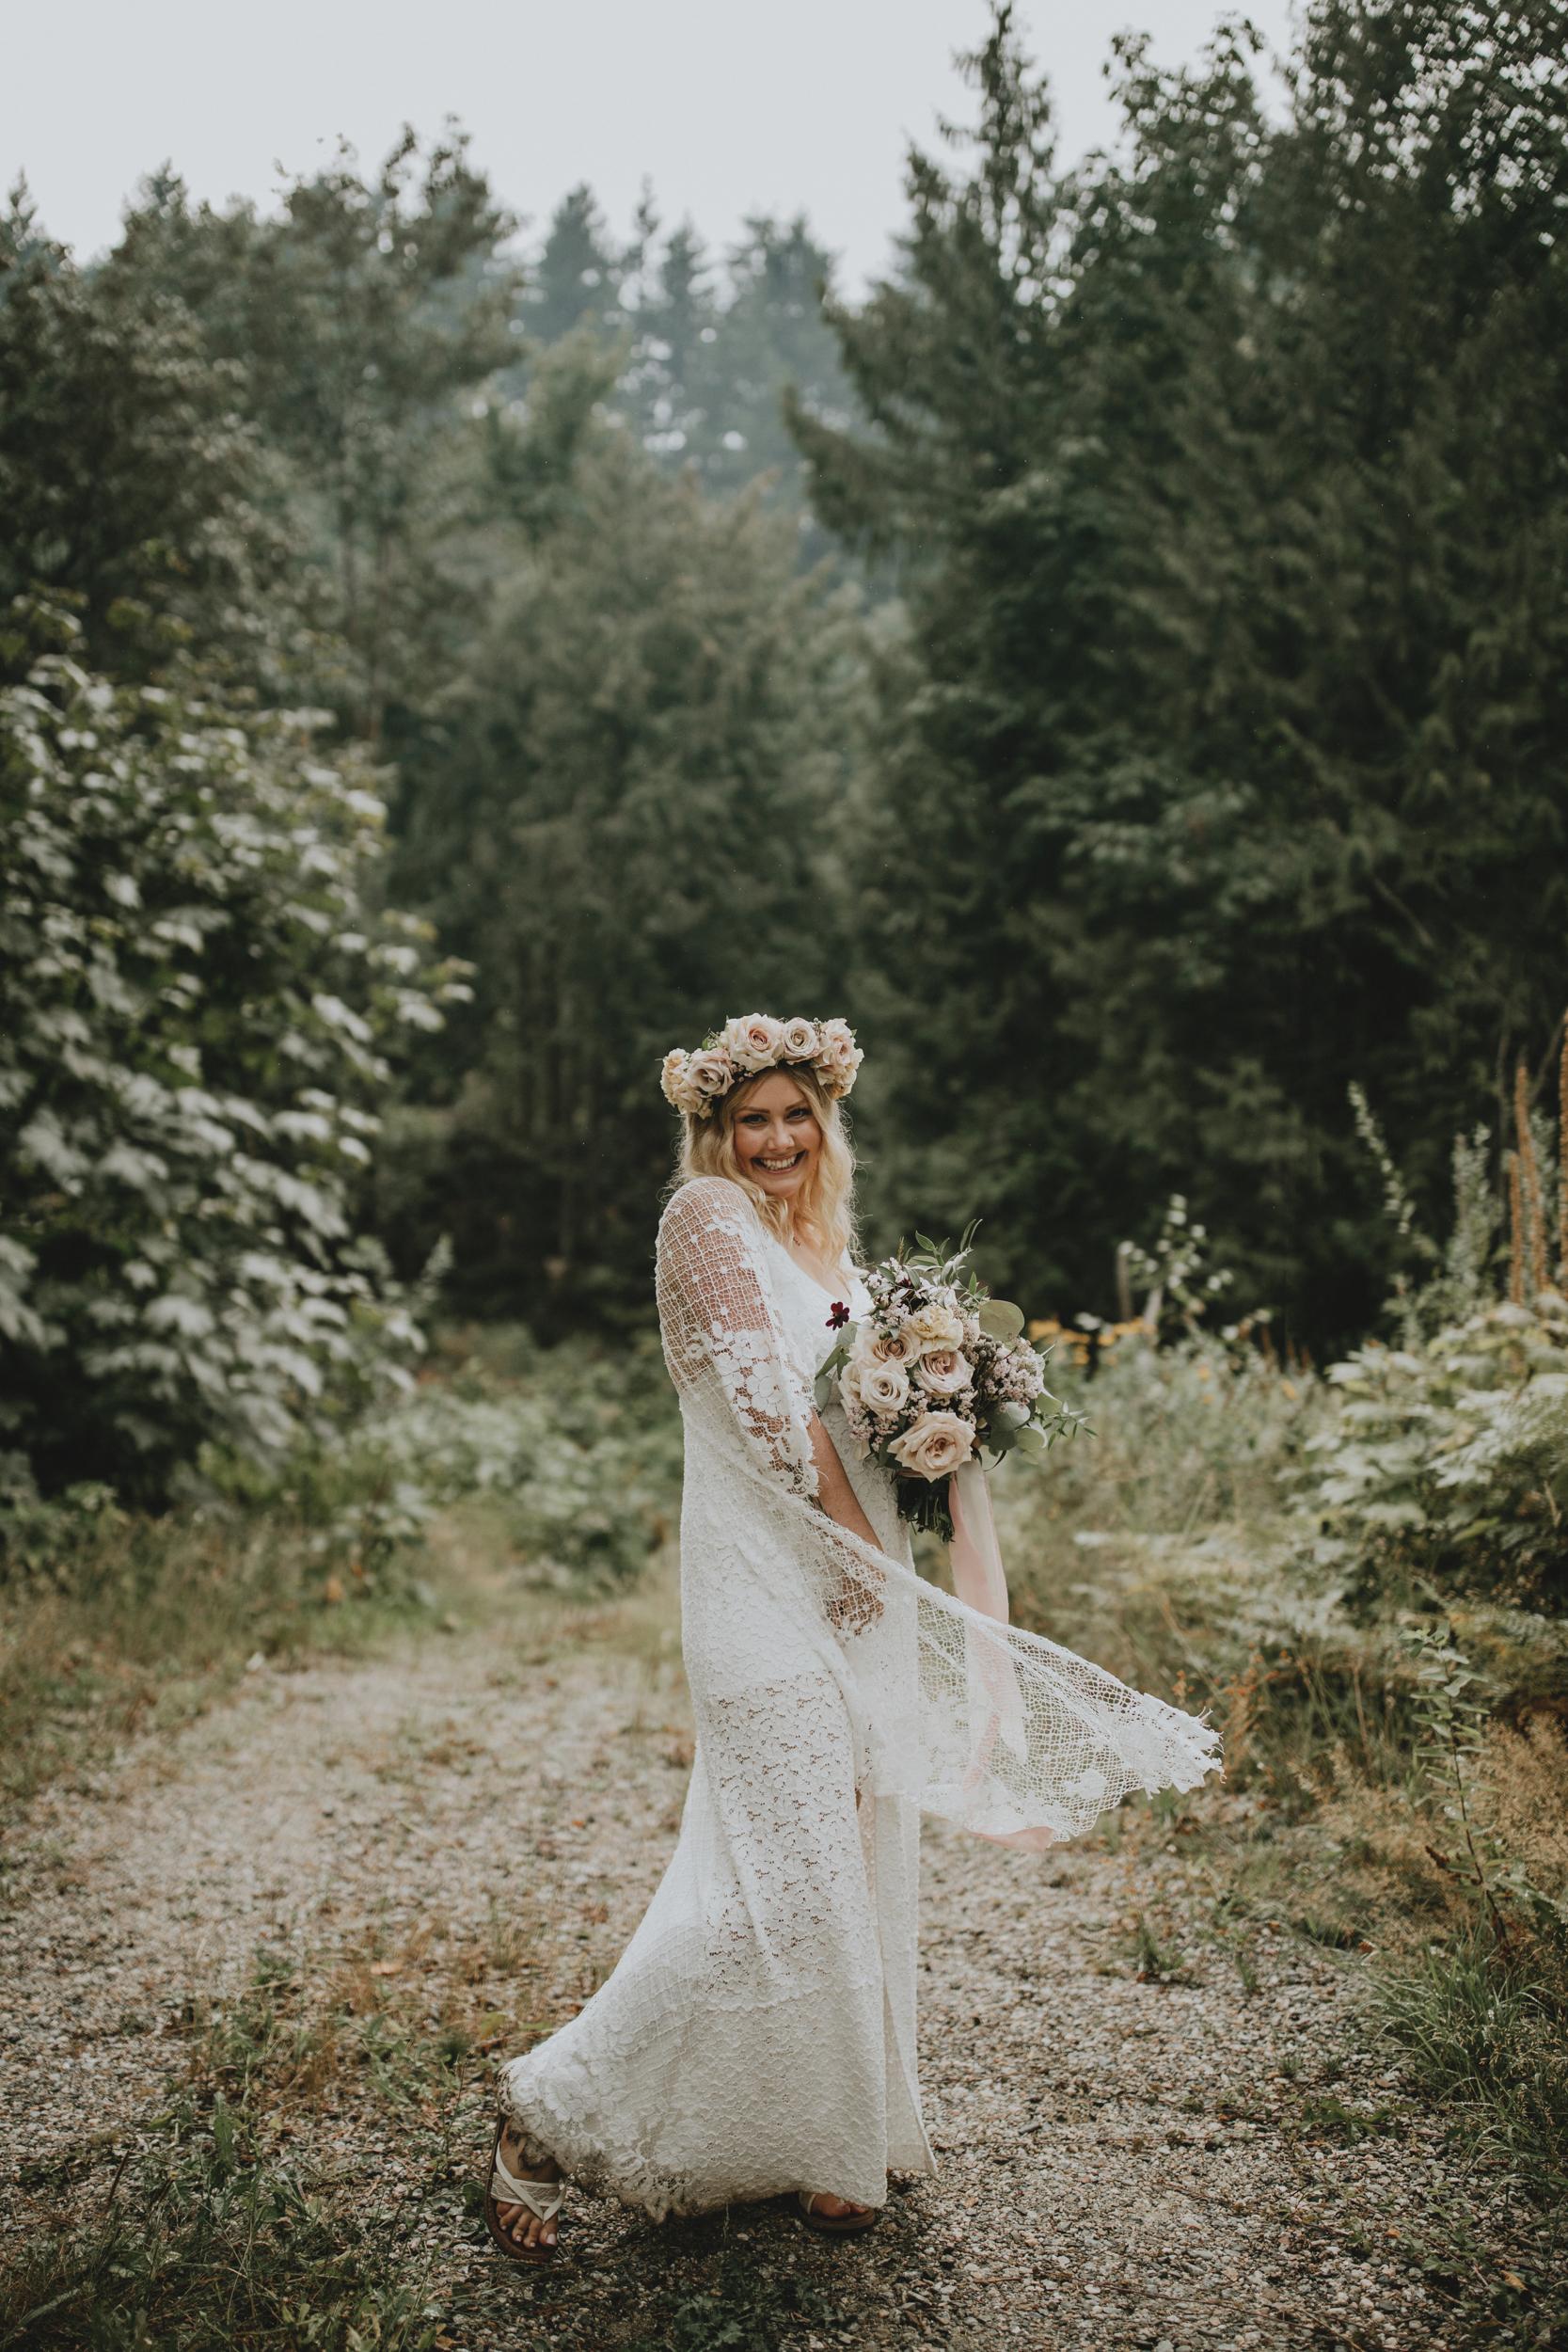 American-Creek-Lodge-Hope-Vancouver-Wedding-10.jpg